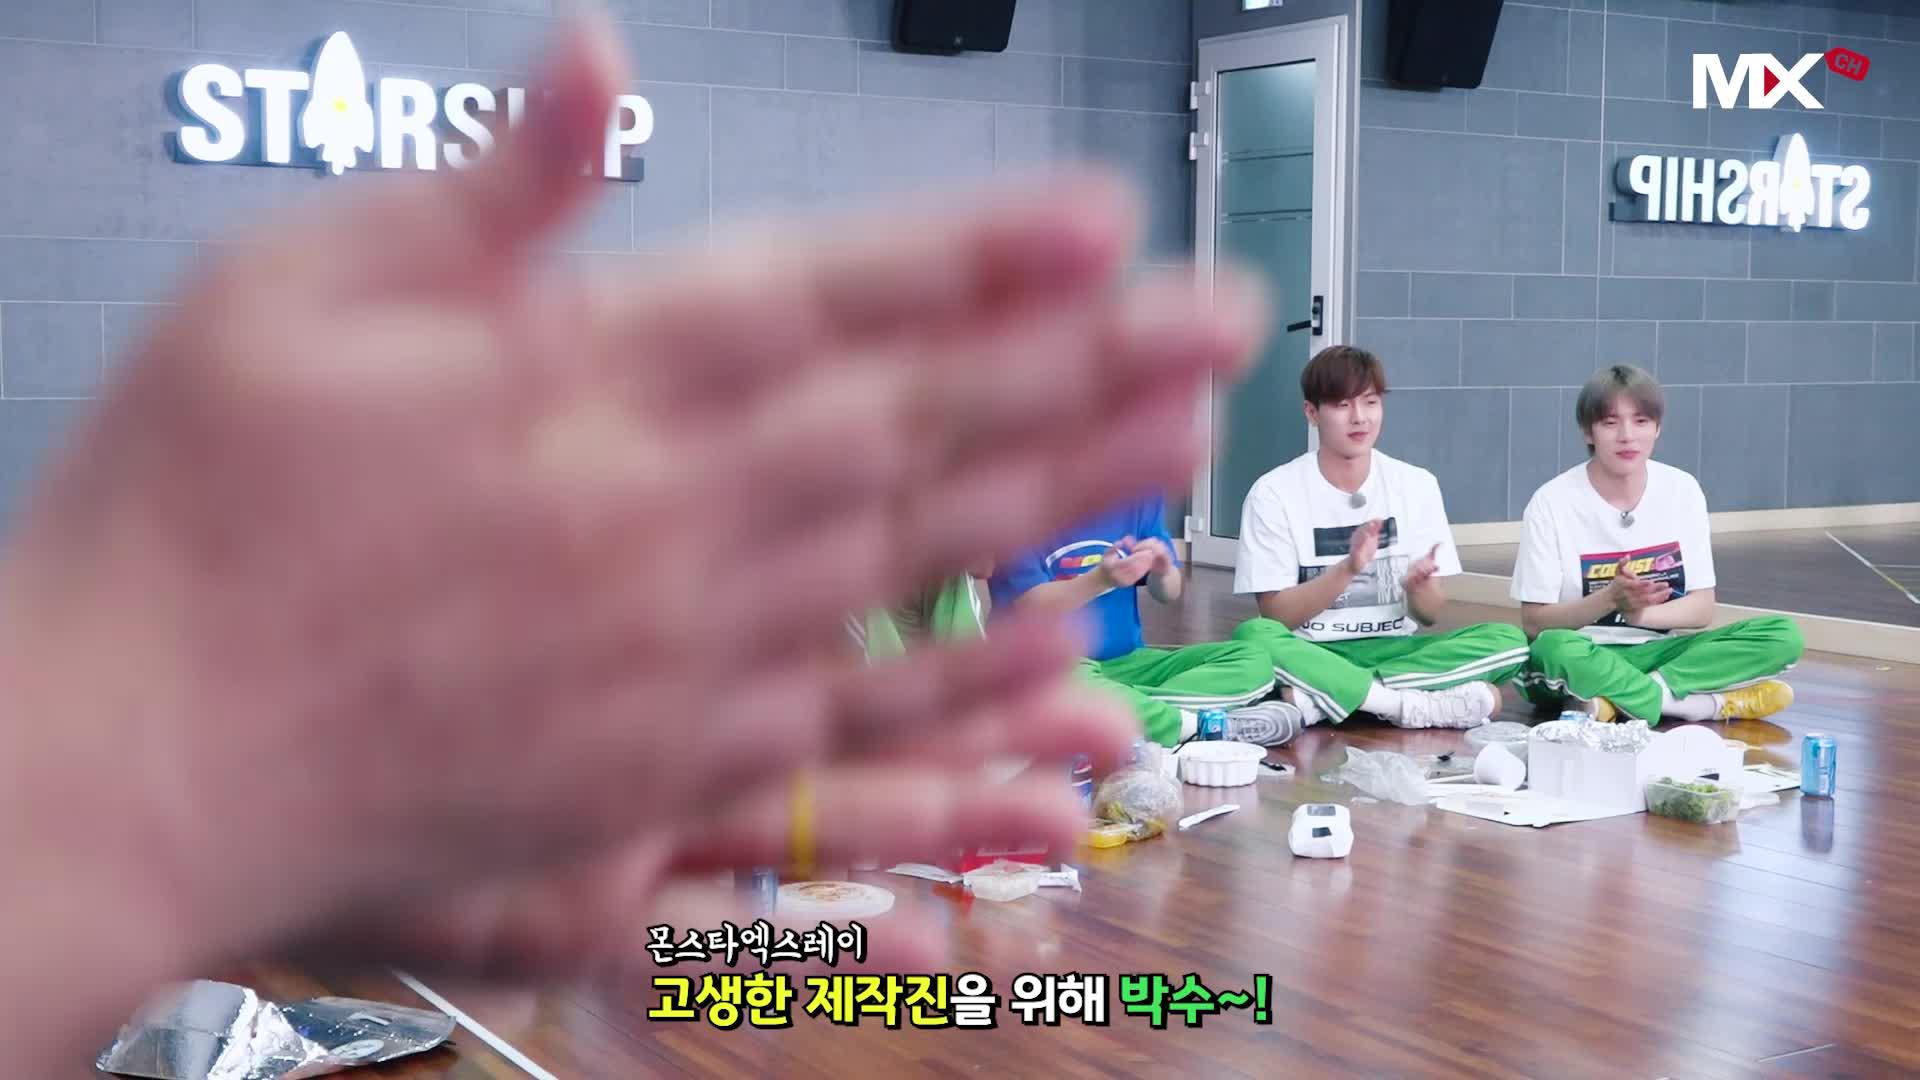 [몬채널][B] EP.110 '몬스타엑스레이3' Final